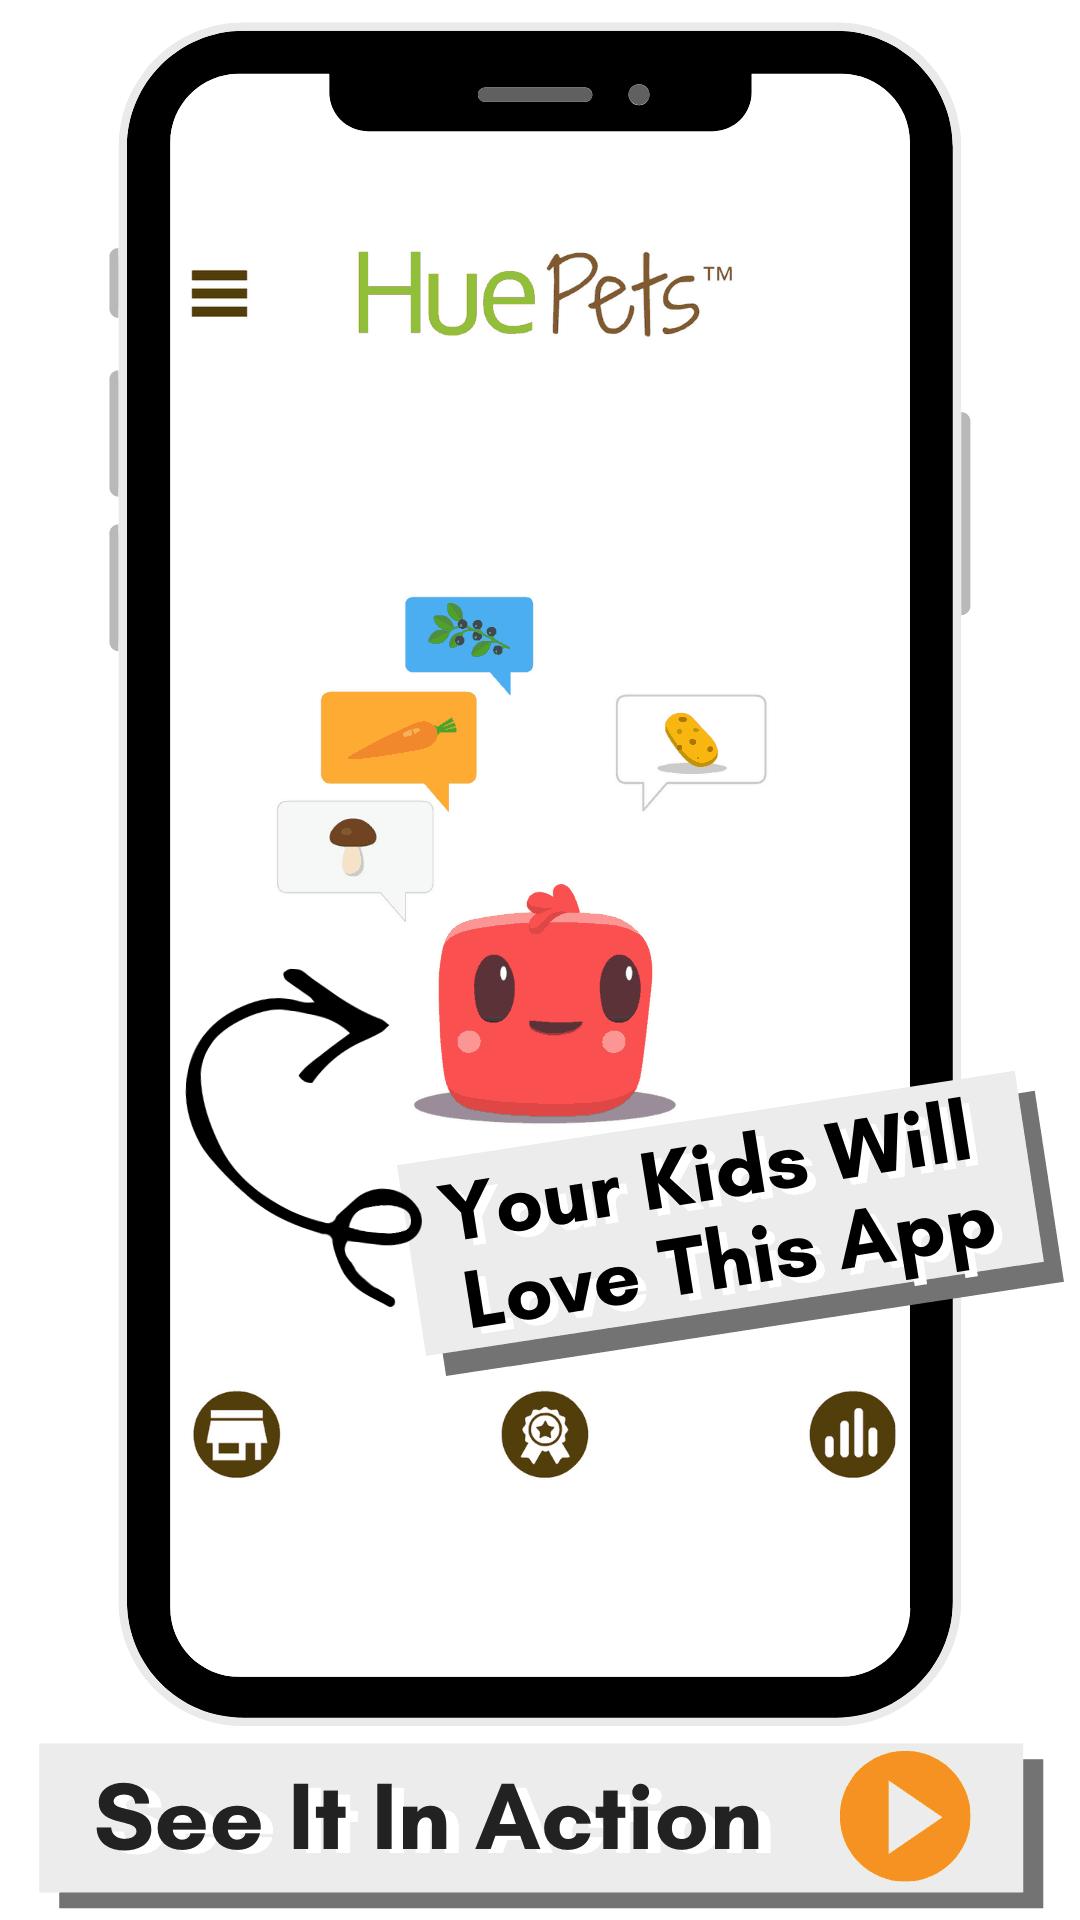 HuePets App Game For Kids